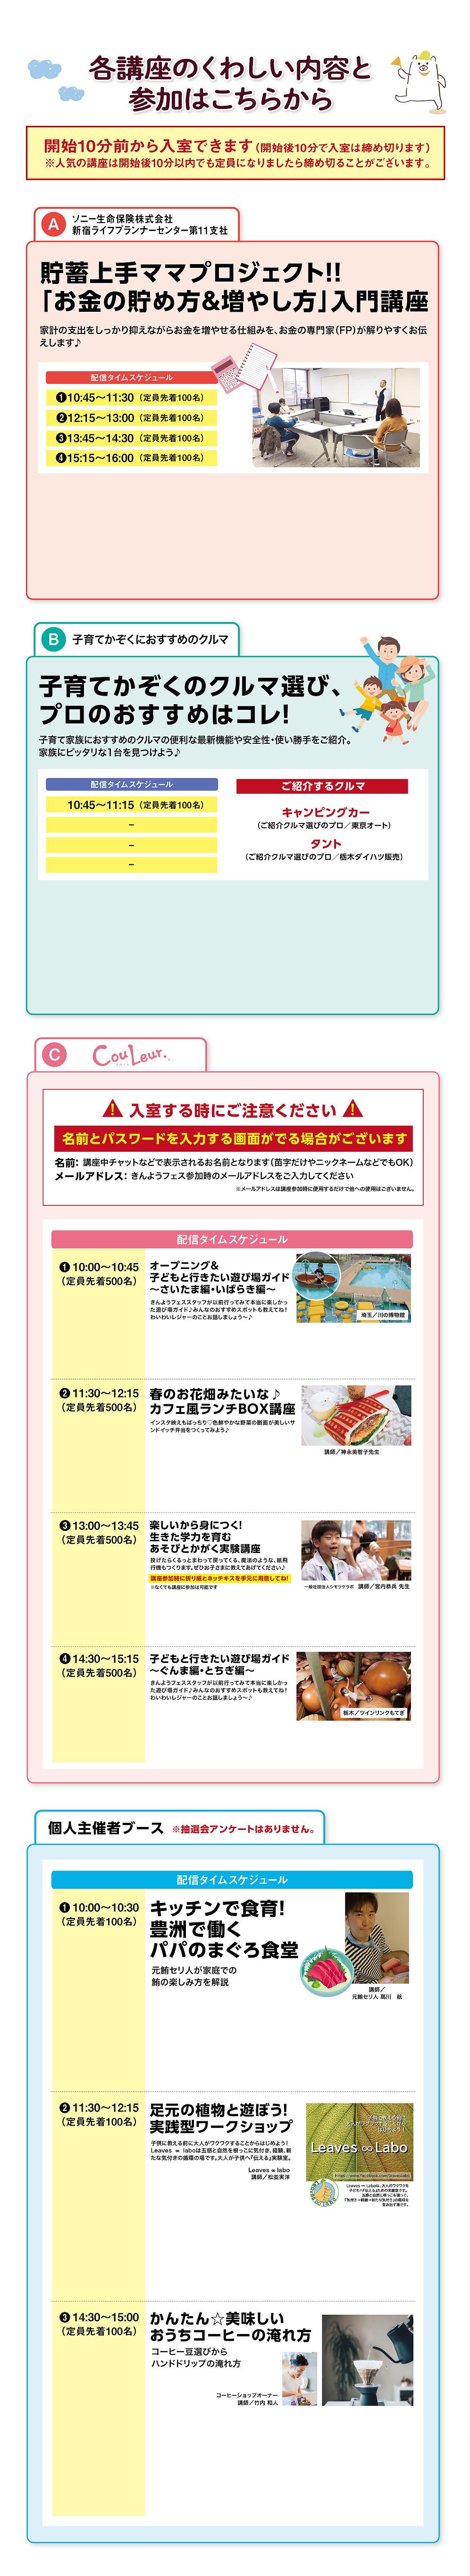 4月きんフェス_当日枠_アートボード 1.jpg